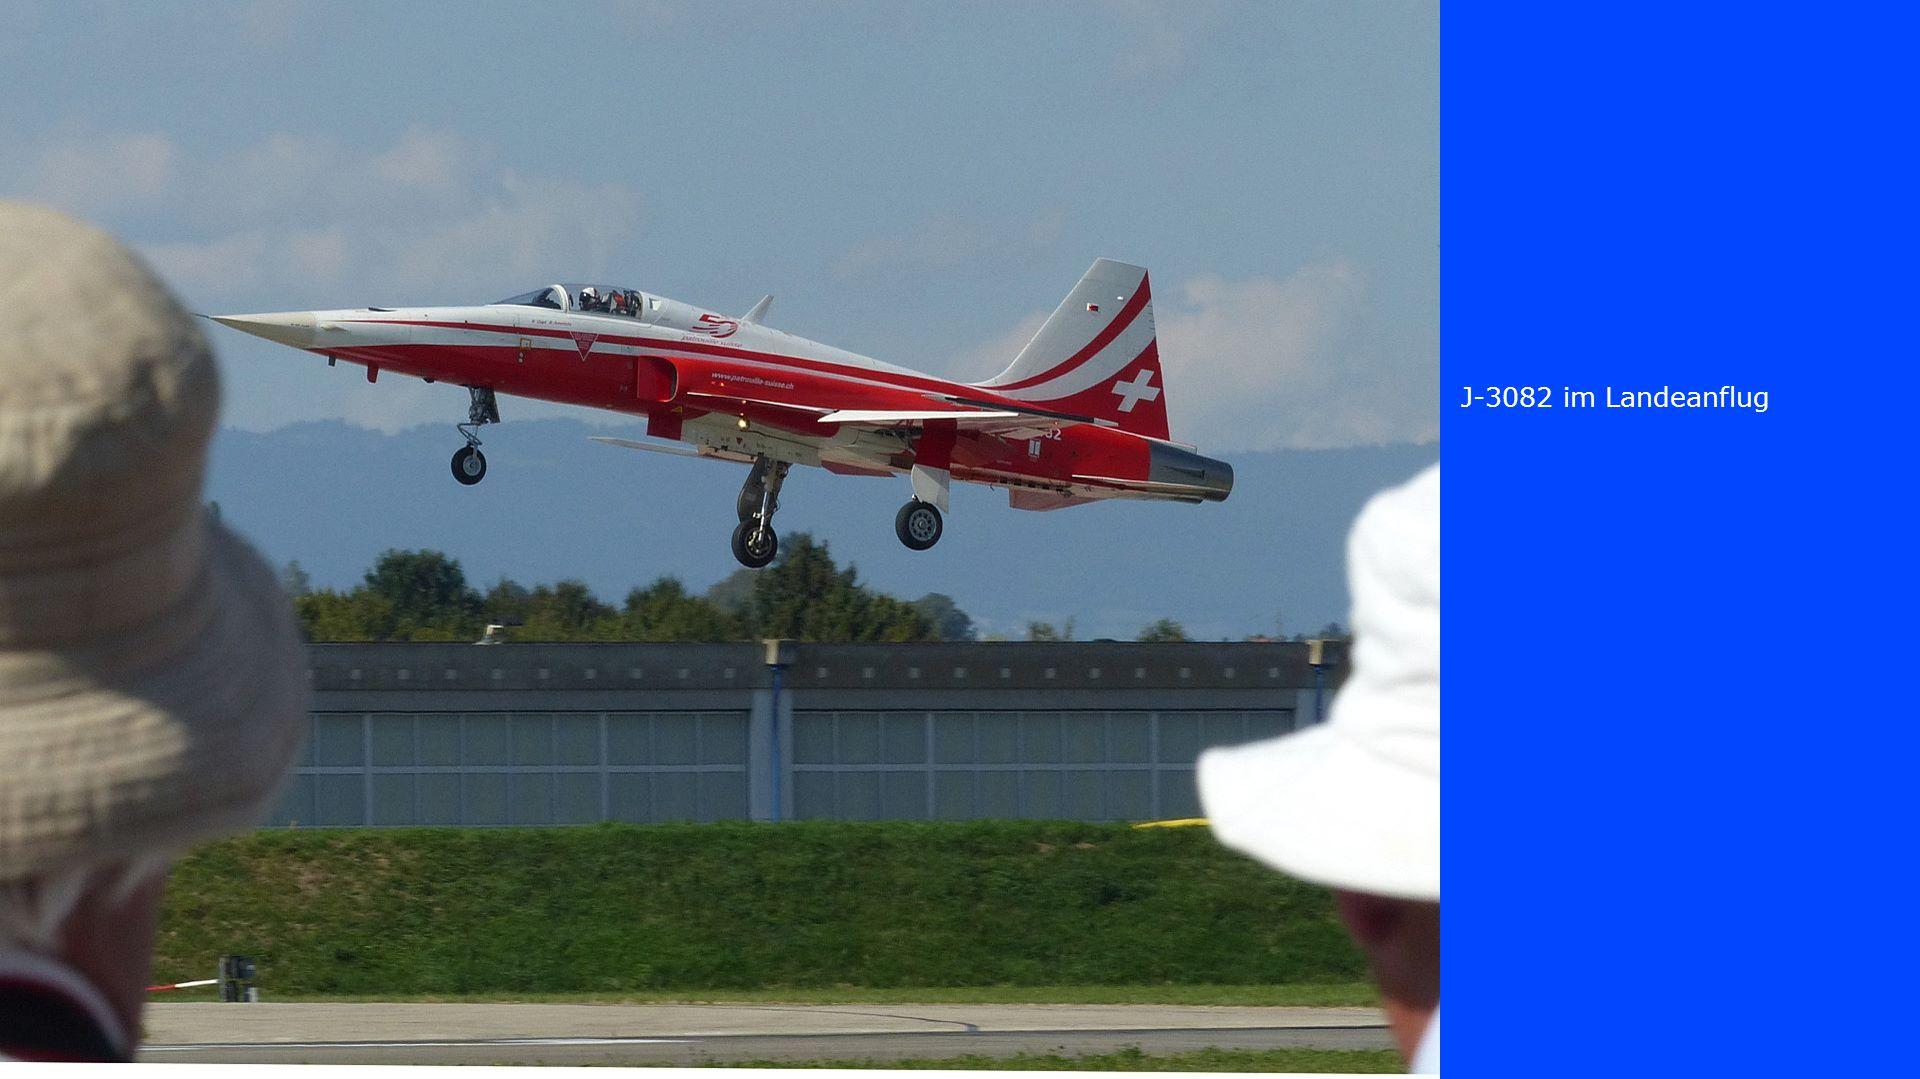 J-3082 im Landeanflug